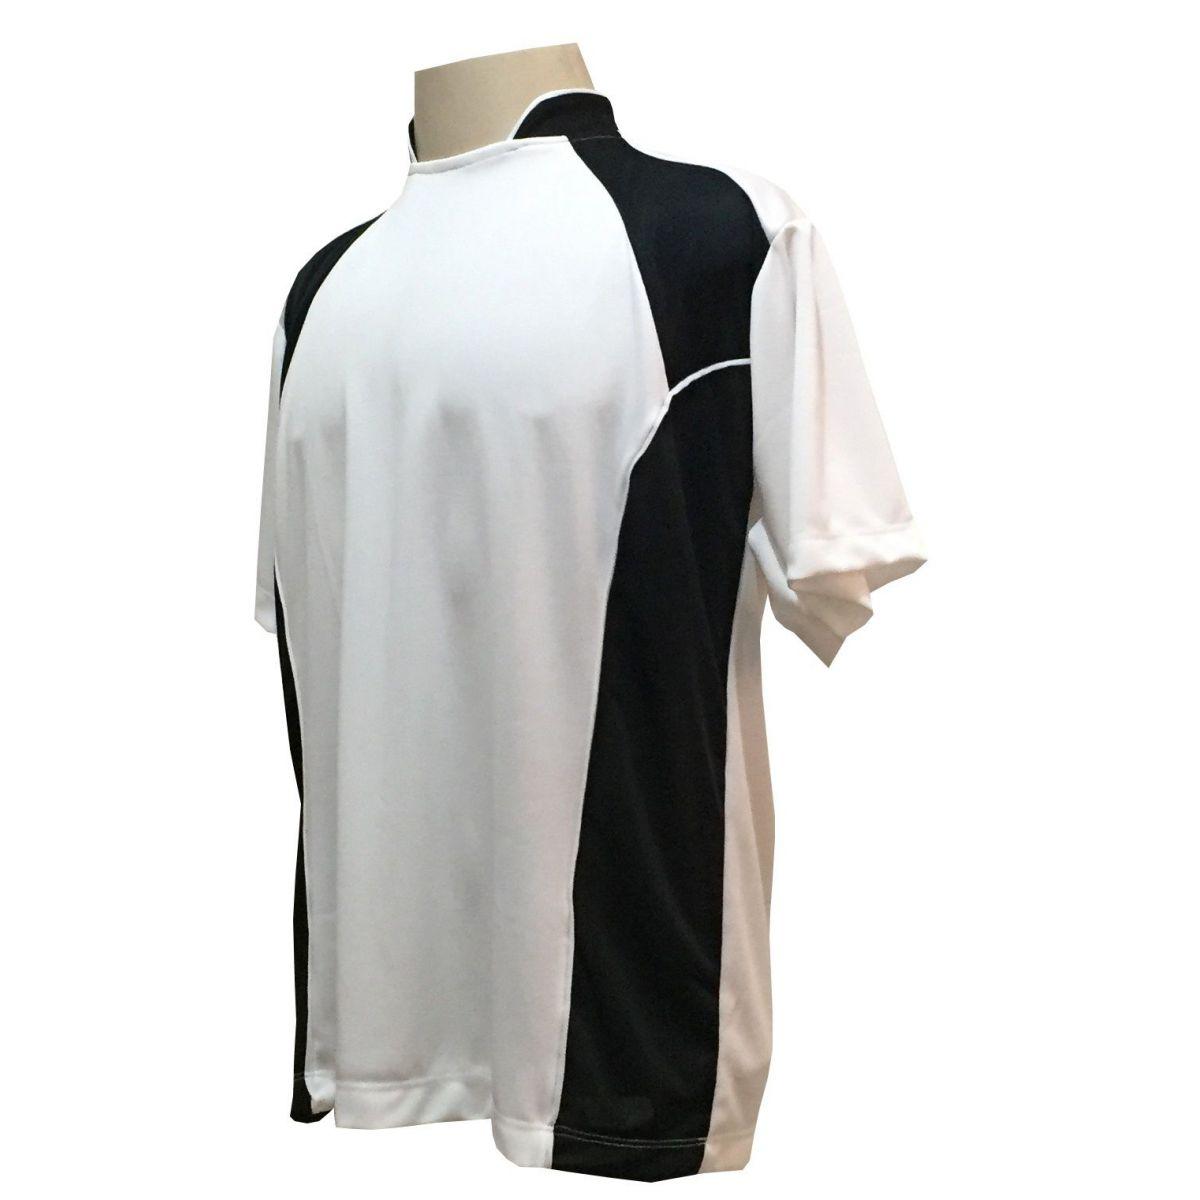 Uniforme Esportivo Completo modelo Suécia 14+1 (14 Camisas Branco/Preto + 14 Calções modelo Copa Preto/Branco + 14 Pares de Meiões Brancos + 1 Conjunto de Goleiro) + Brindes